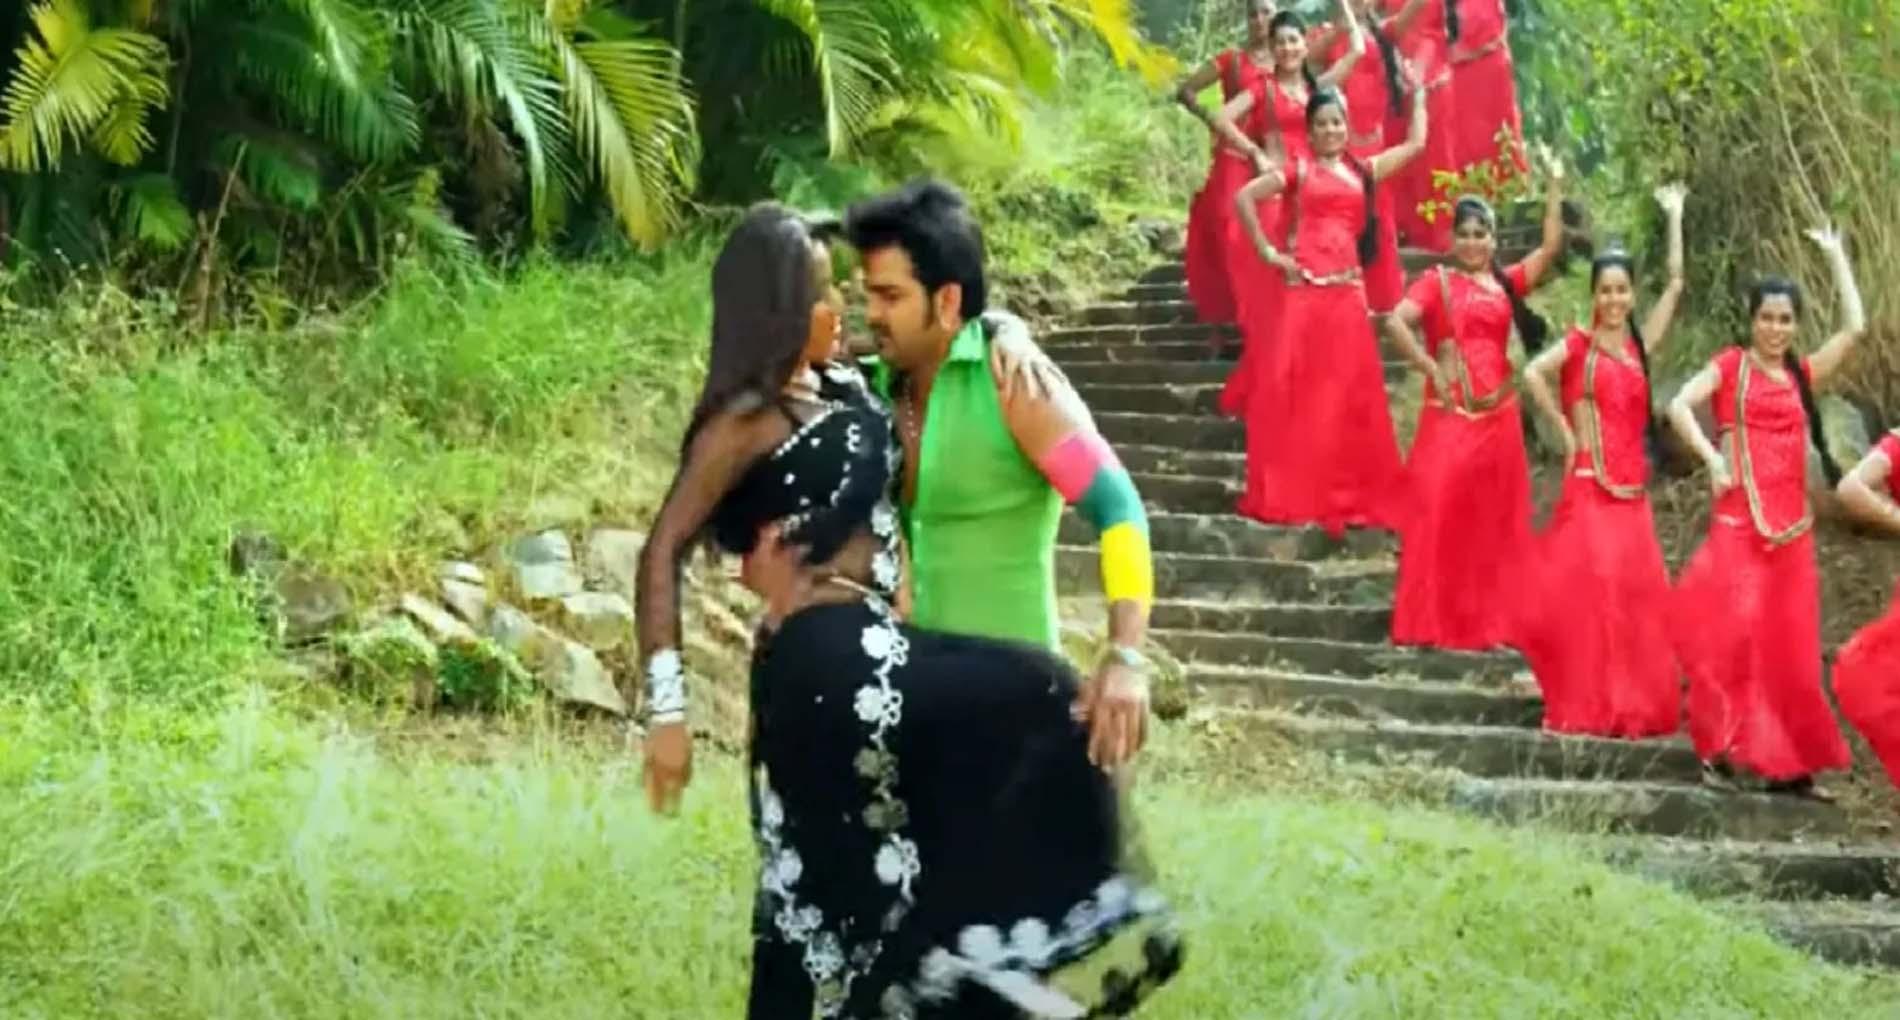 Monalisa Bold Video Song: जब साड़ी में पवन सिंह रोमांस करती नजर आईं मोनालिसा! देखें वीडियो